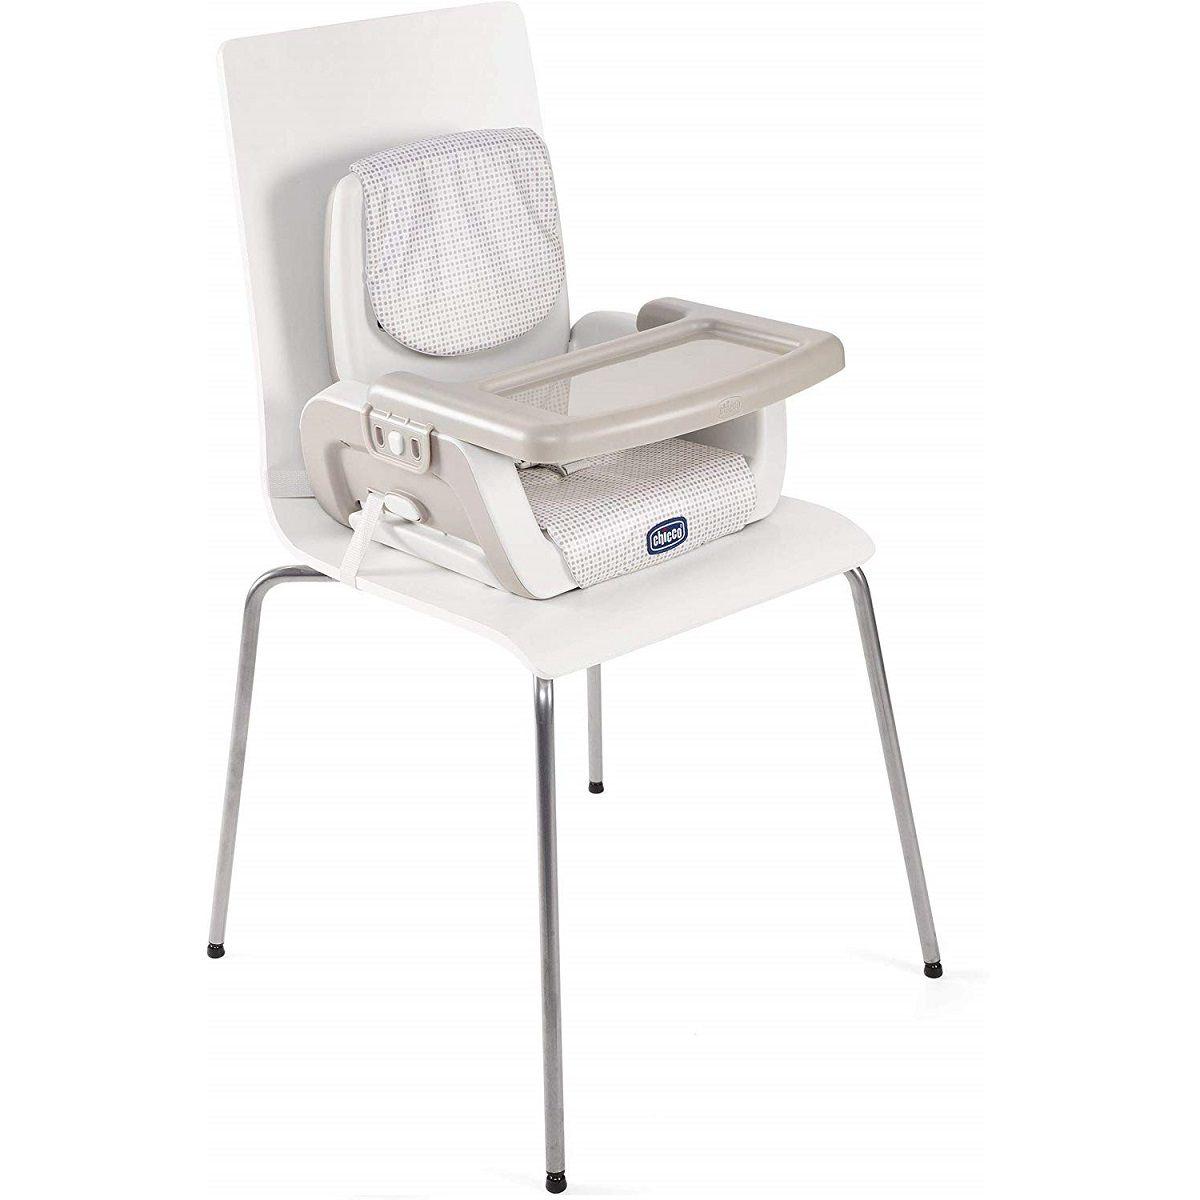 Cadeira de Alimentação Portátil Mode Pois - Chicco